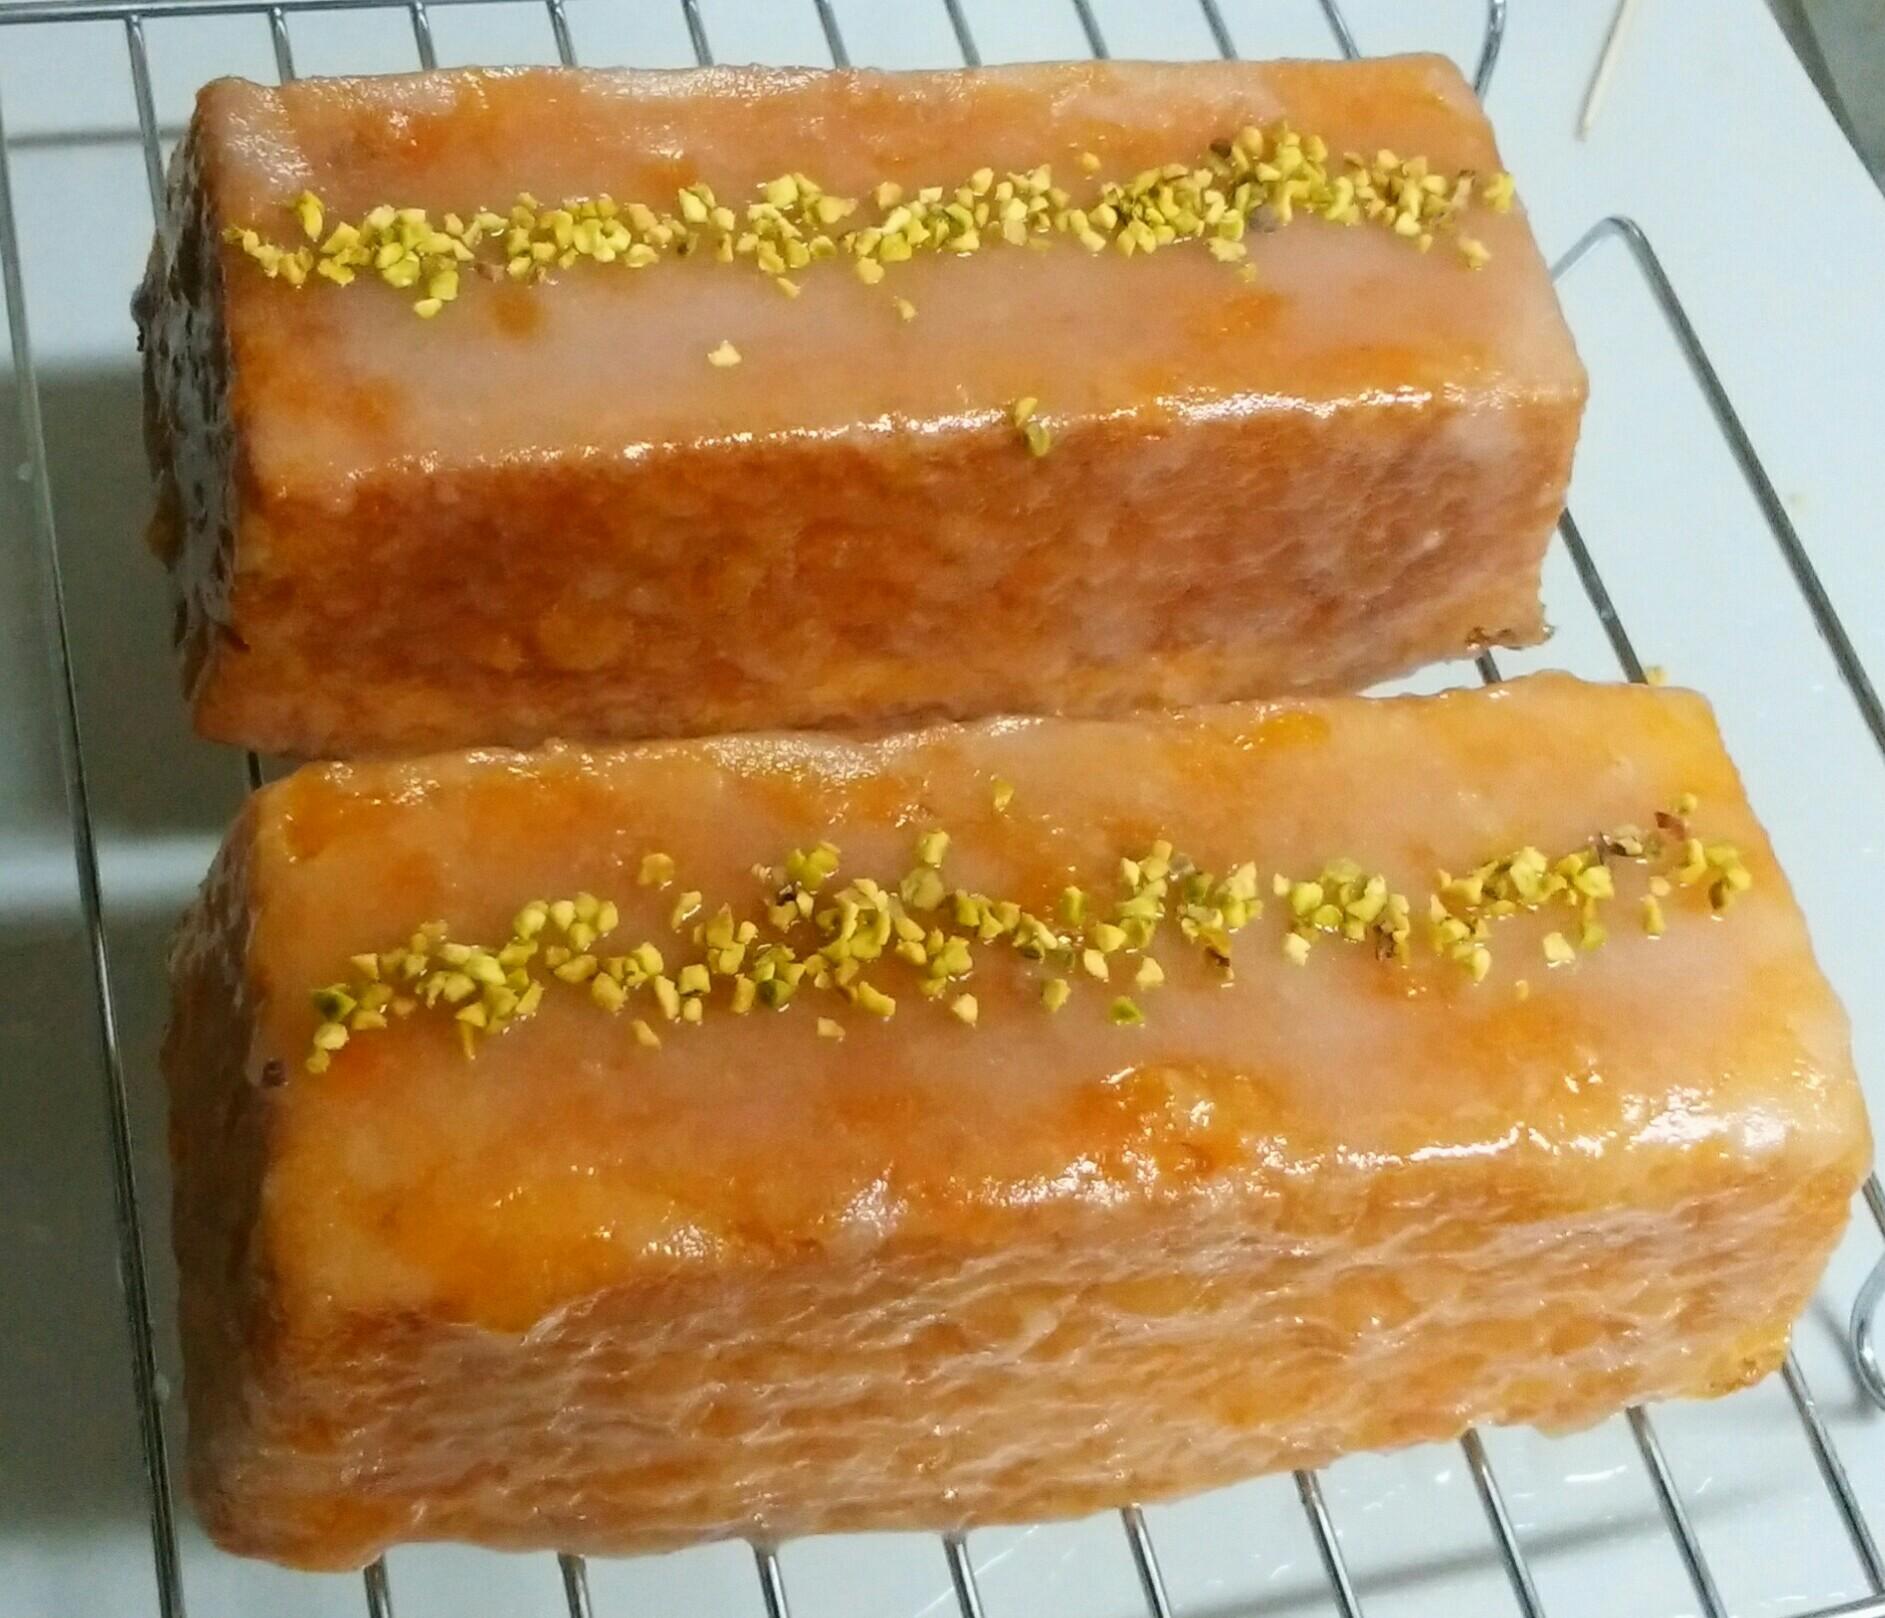 『「オーボン ヴュータン」河田勝彦のおいしい理由。お菓子のきほん、完全レシピ』より、ウィークエンド初挑戦